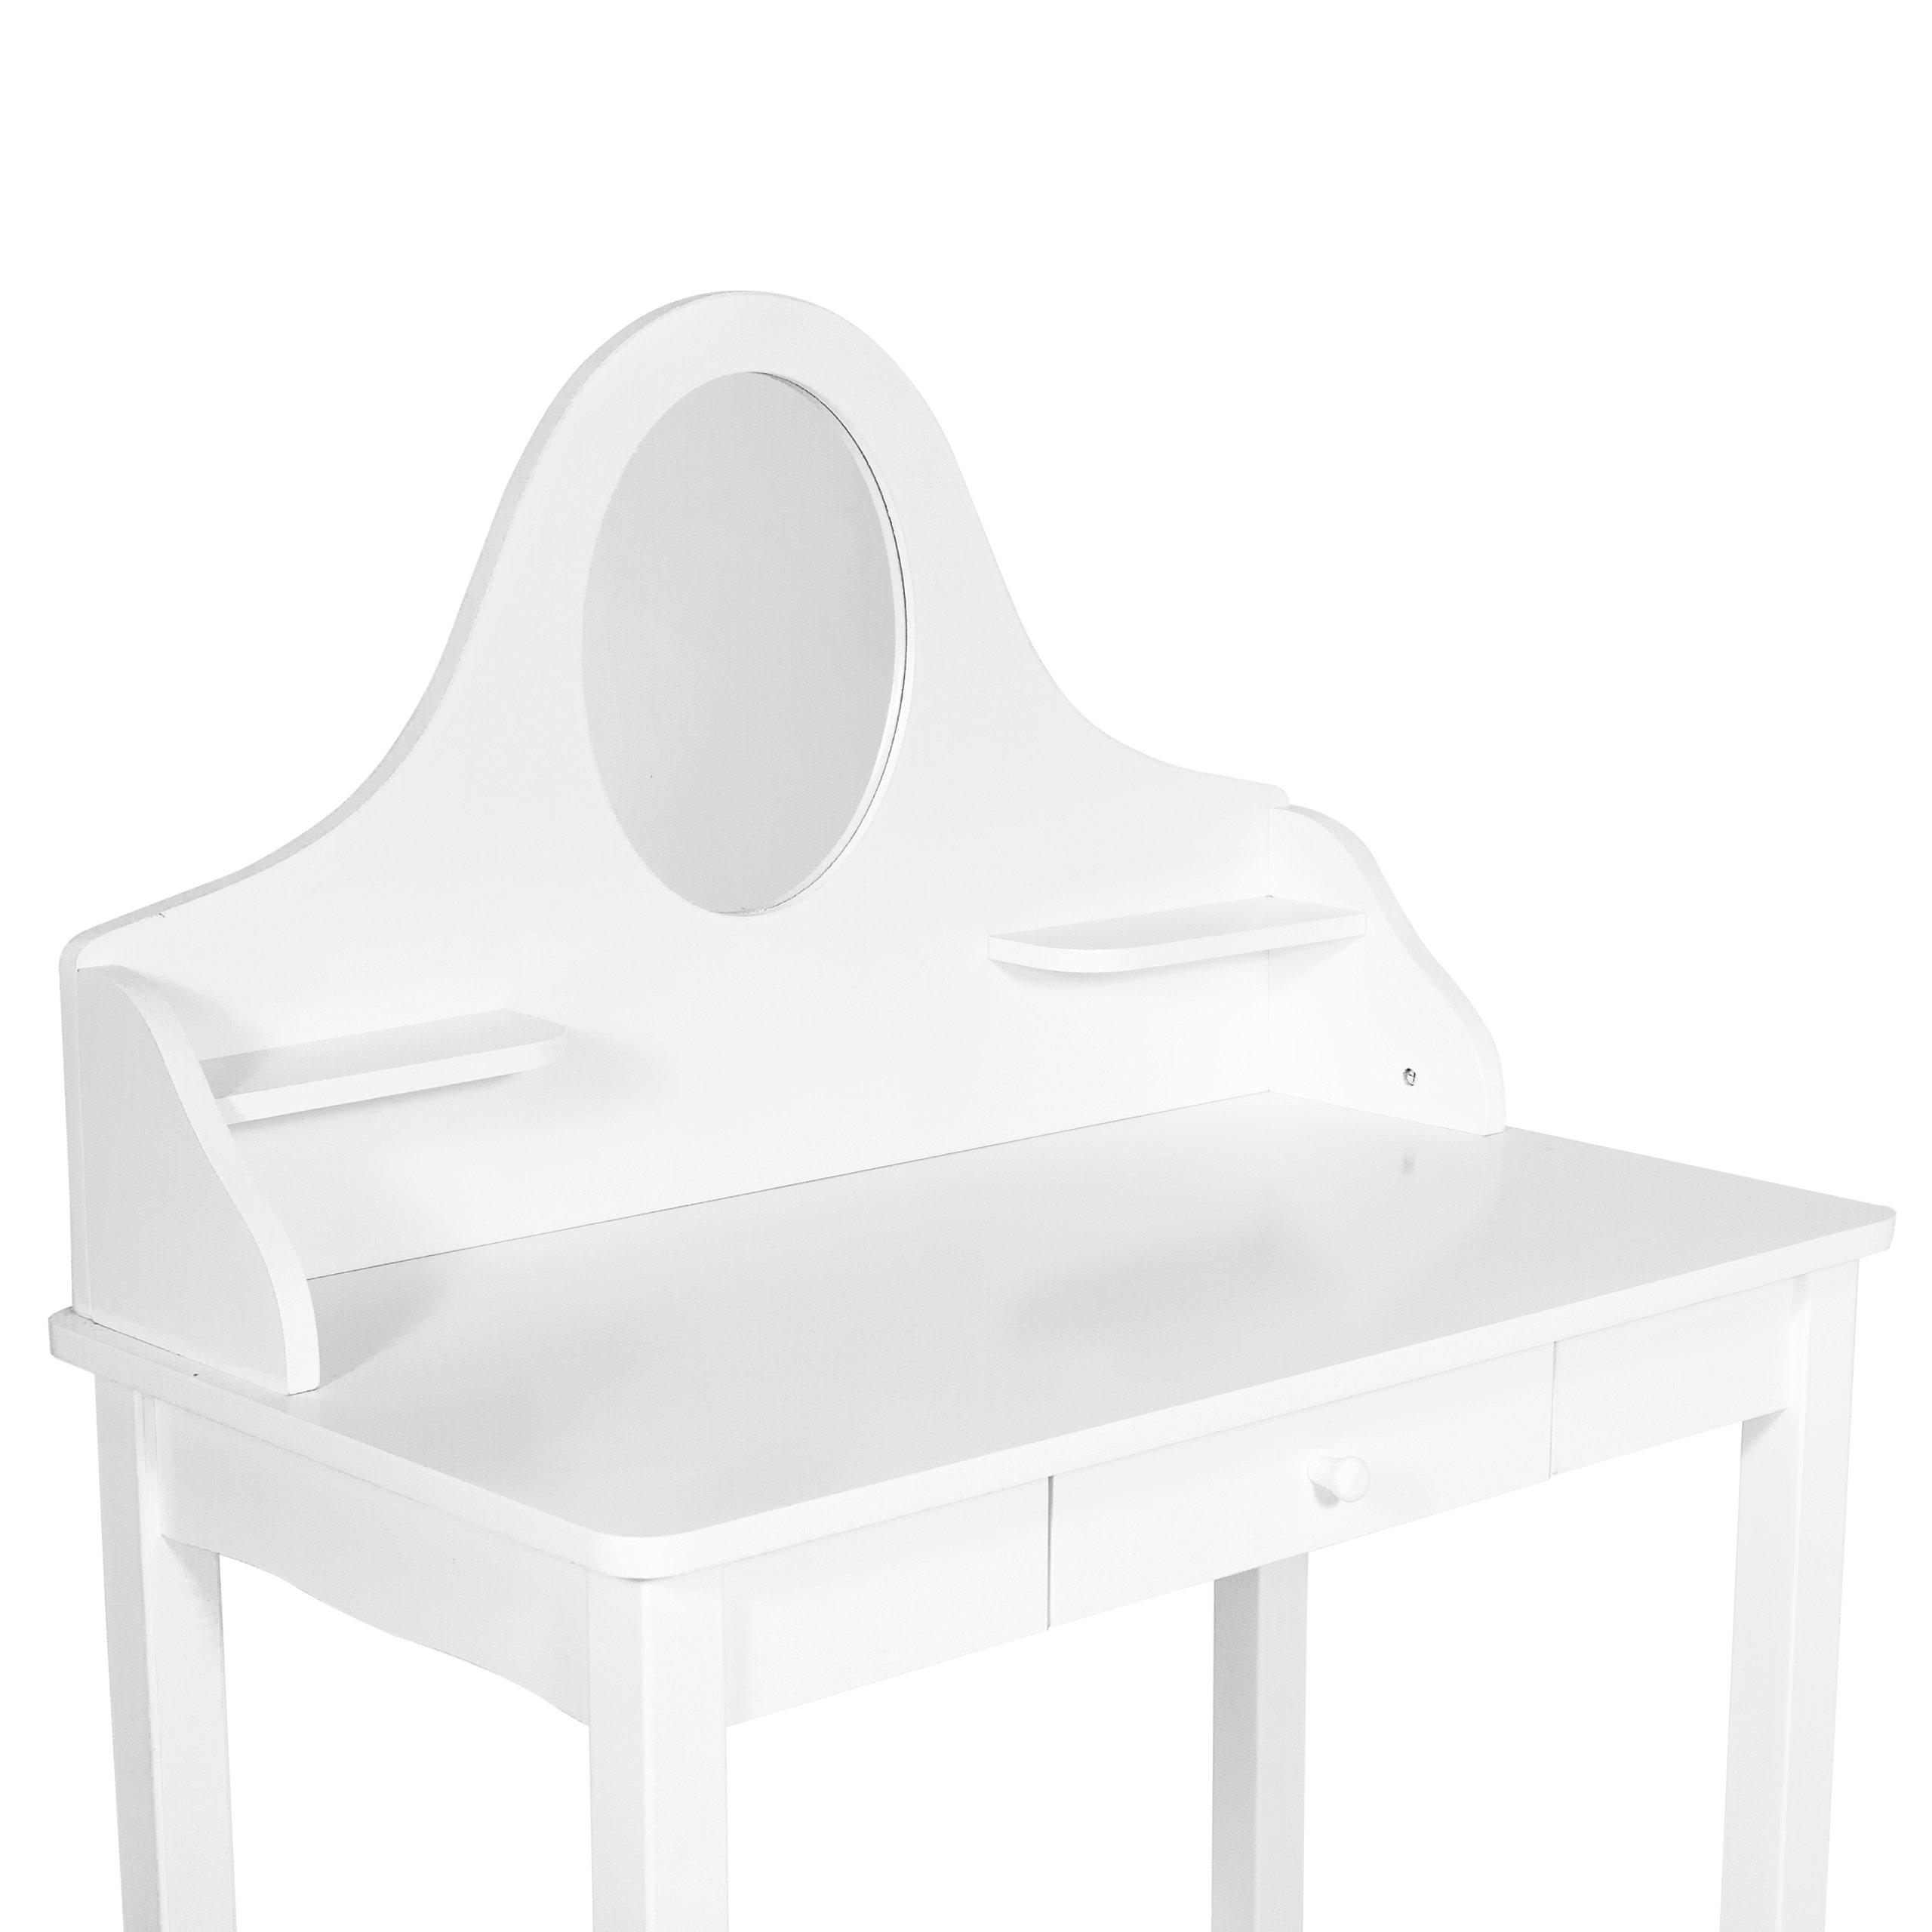 Drewniana Toaletka Dla Dziewczynki Biała Taboret 7055497386